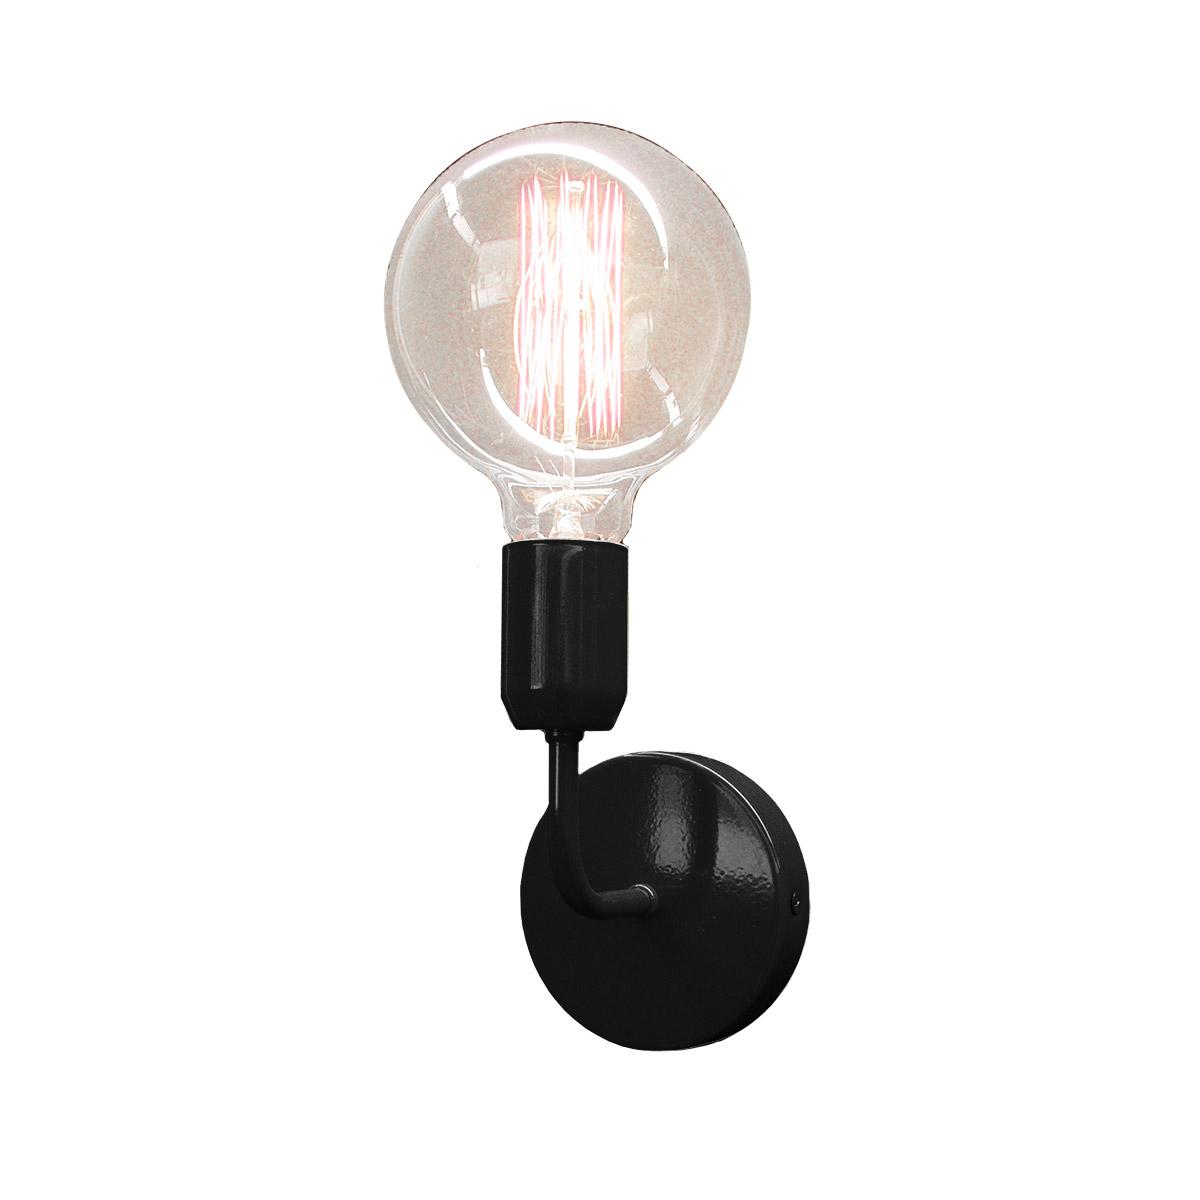 Μαύρο φωτιστικό τοίχου ΛΑΜΠΕΣ black wall lamp